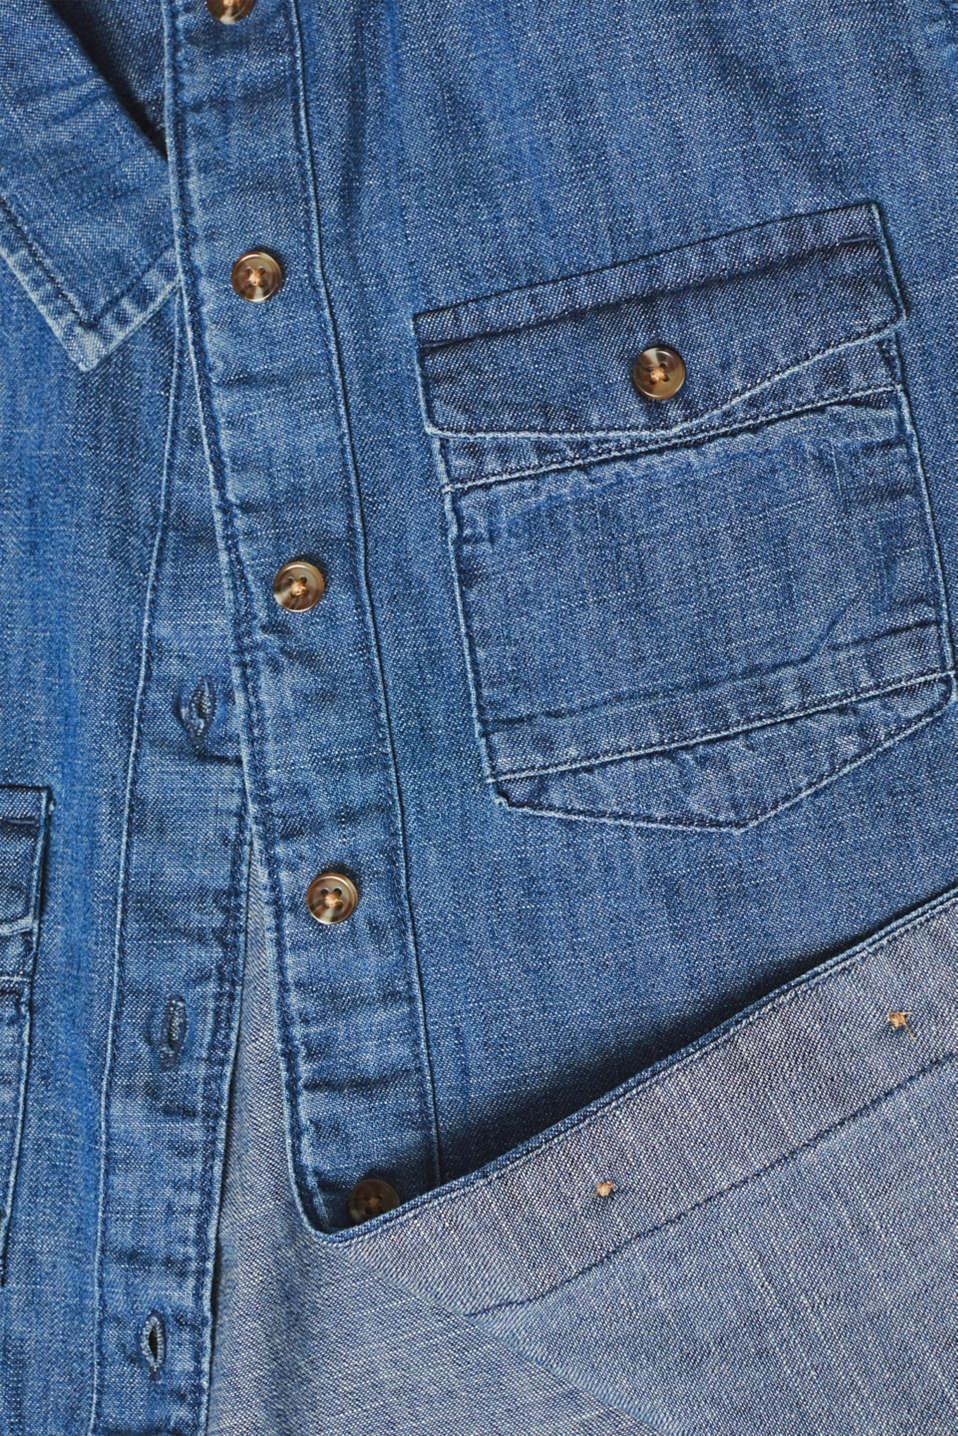 Blouses denim, BLUE DARK WASH, detail image number 4